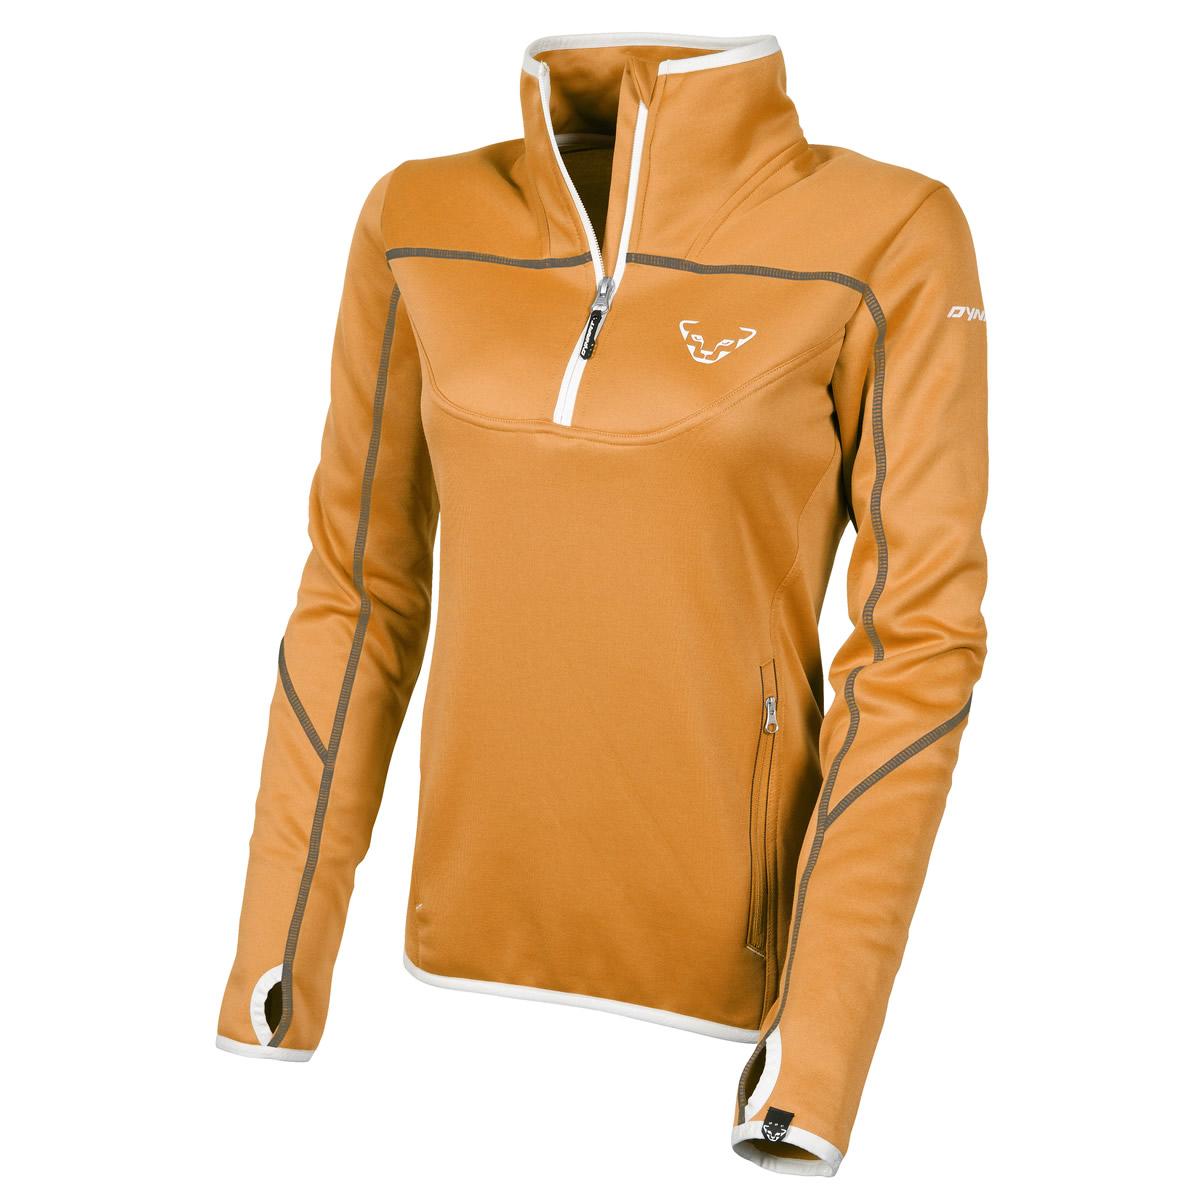 Polaire Moraine PL Jacket Women de Dynafit